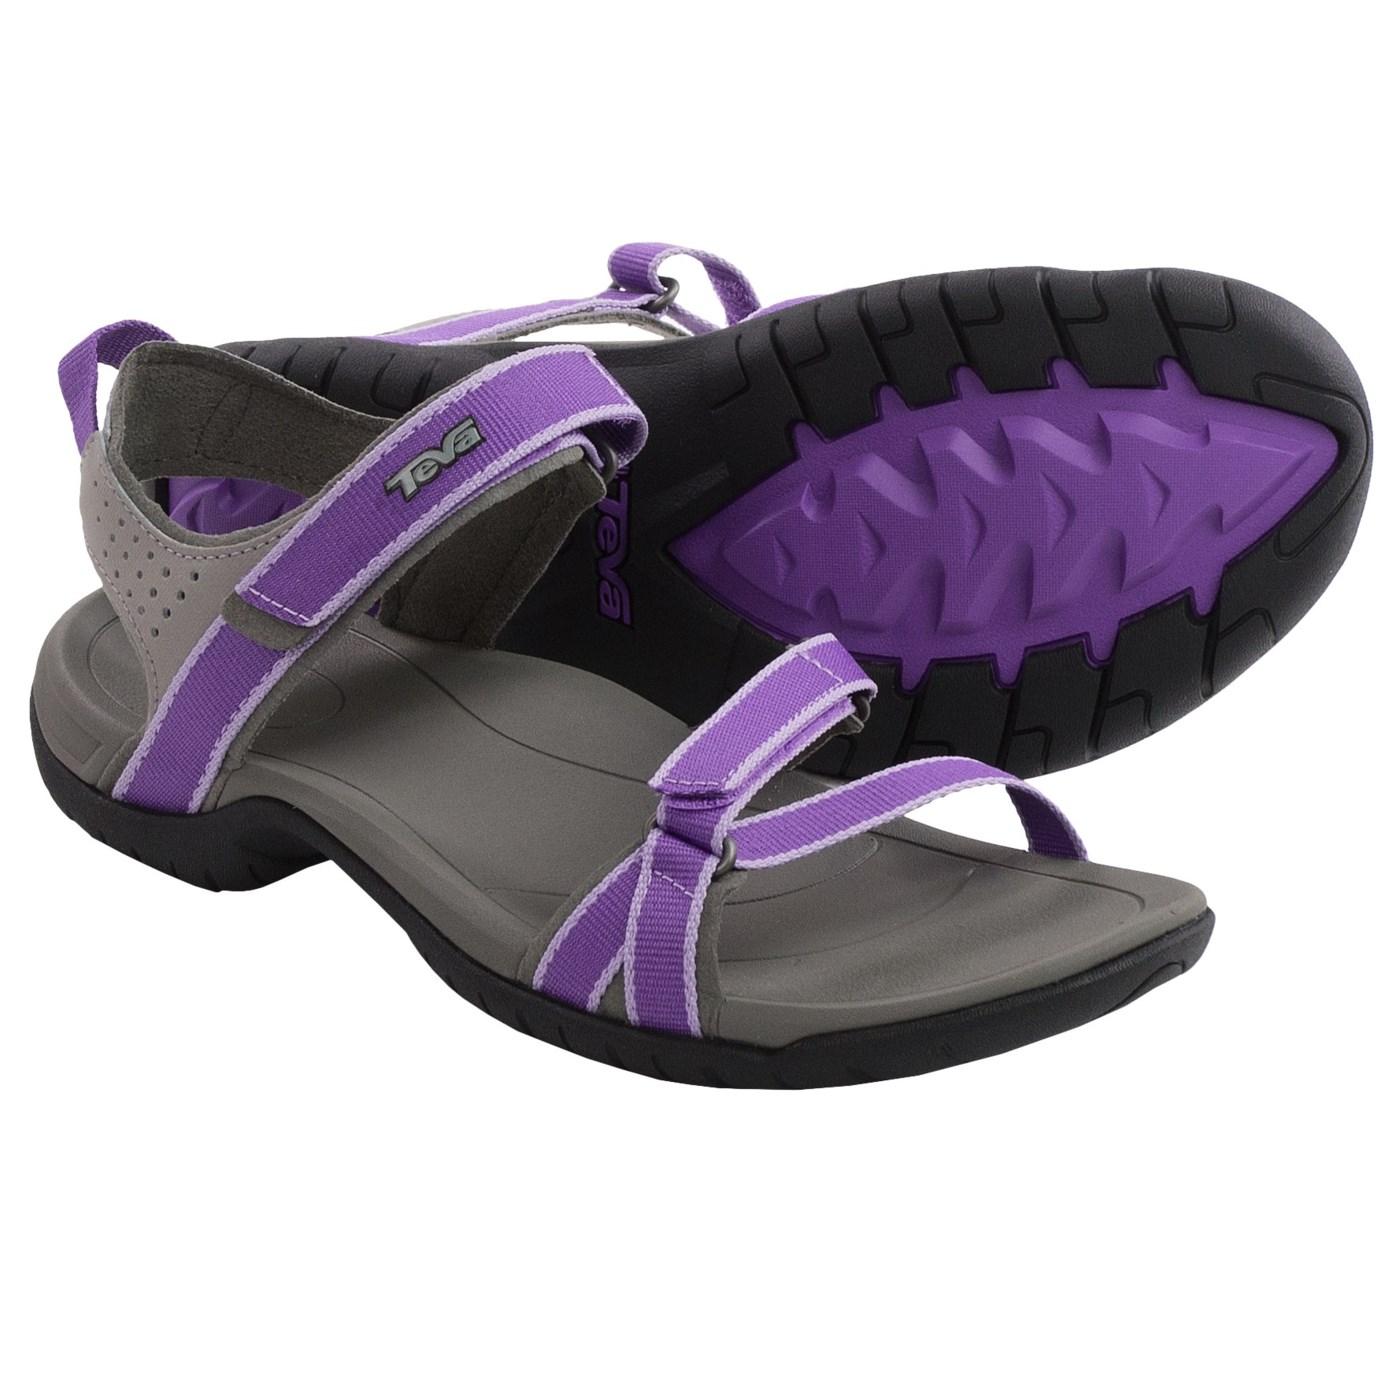 387405729f31 Teva Verra Sport Sandals (For Women) 9787V 50 on PopScreen